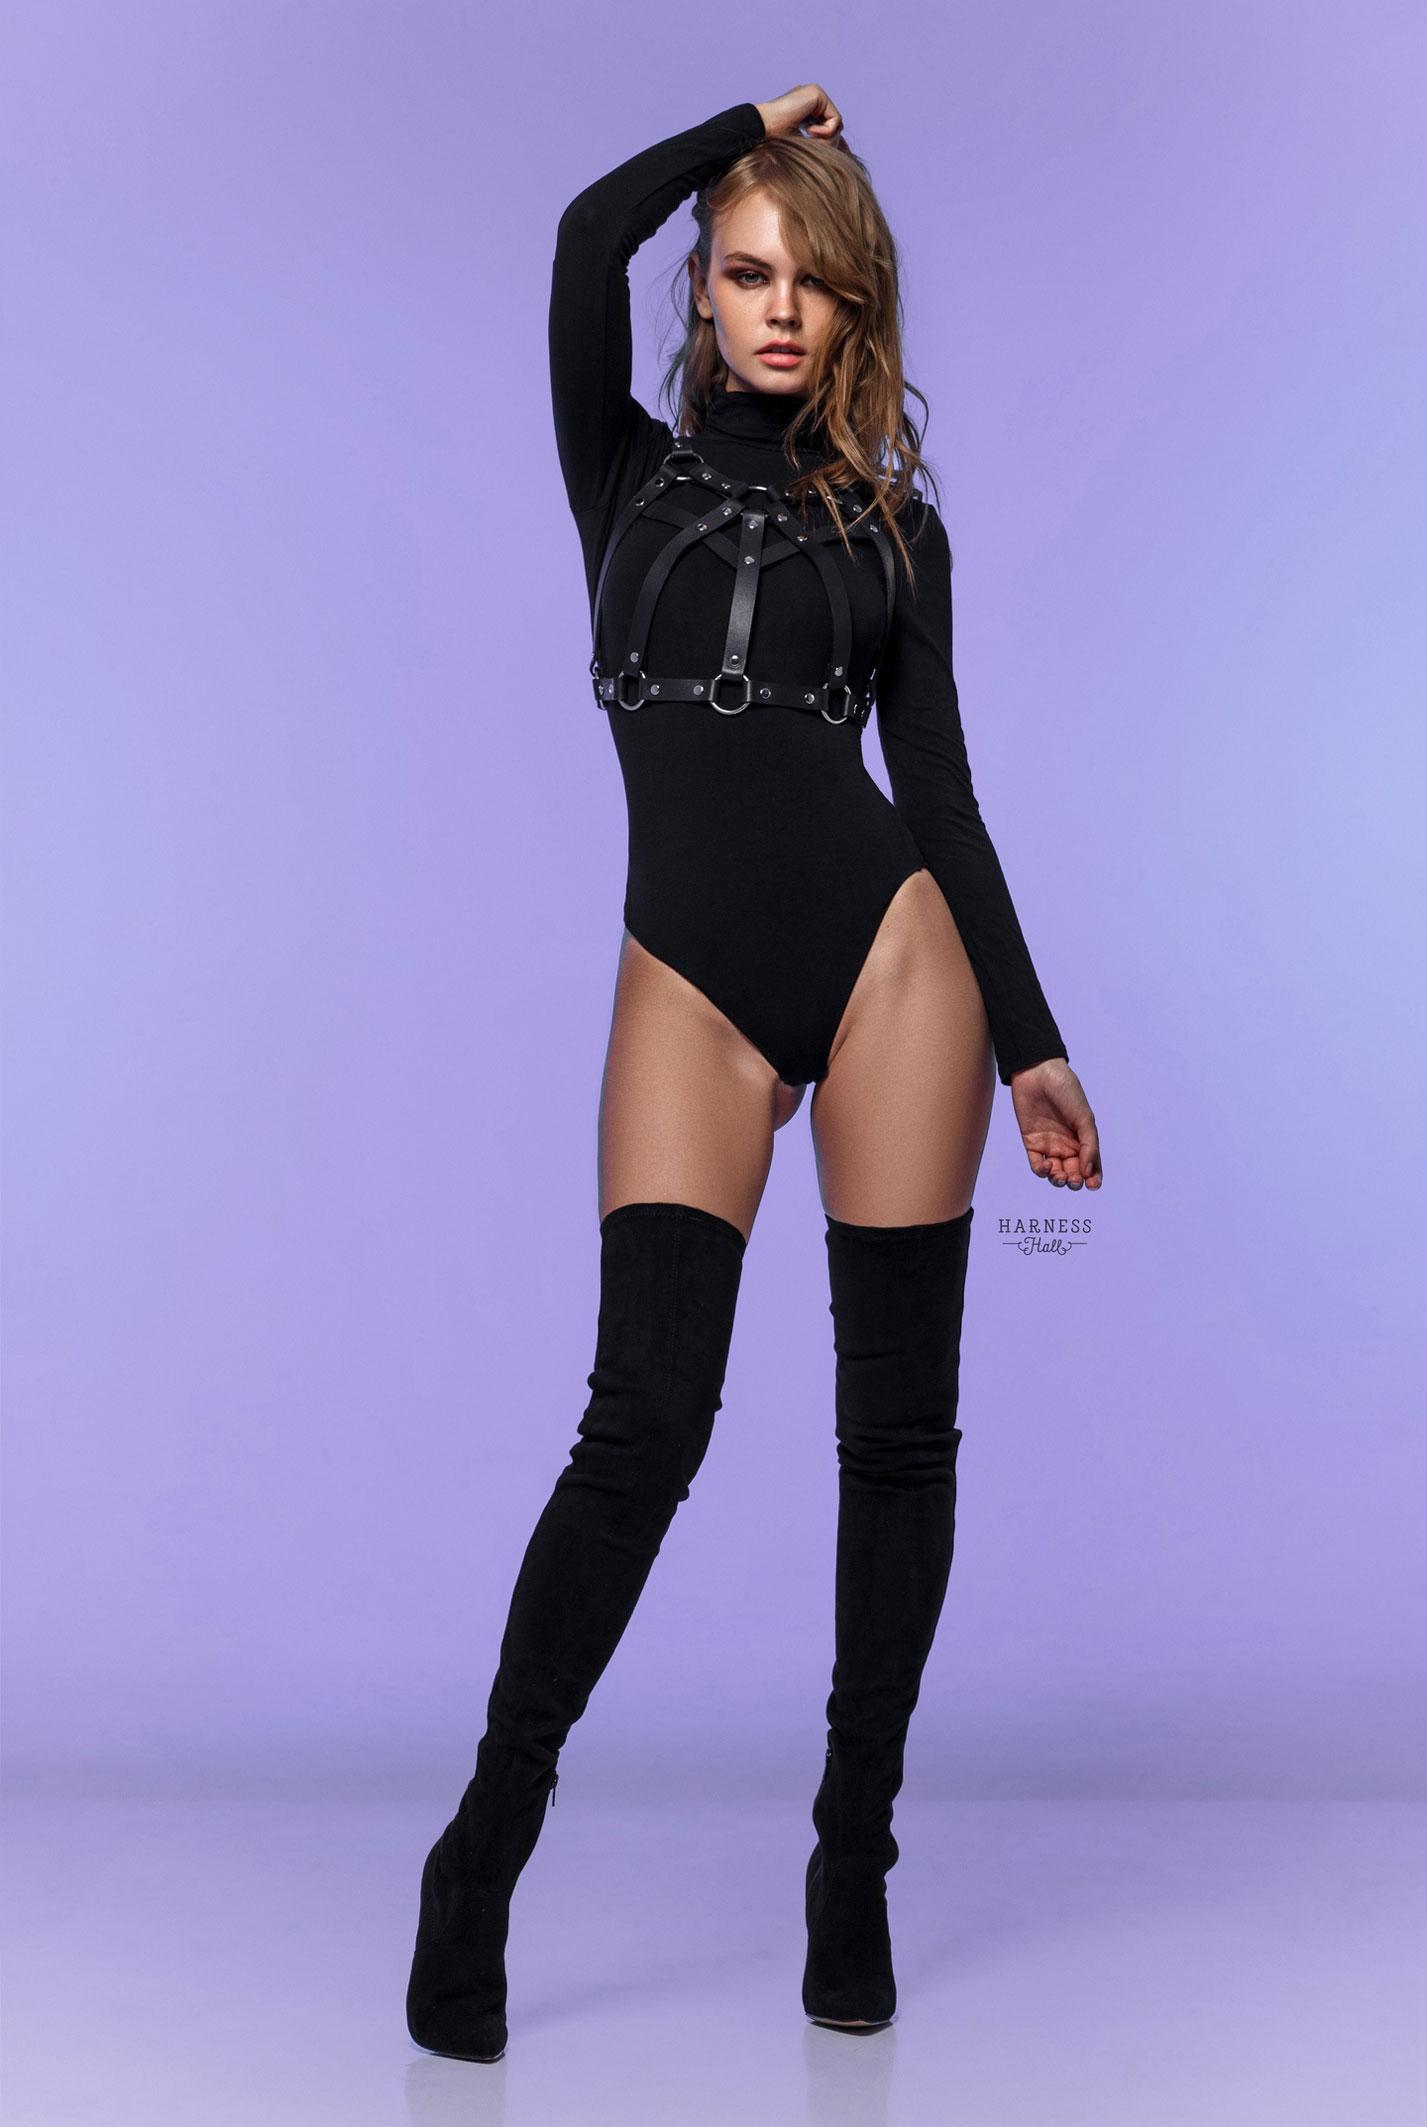 Анастасия Щеглова в нижнем белье Harness Hall, 2018 год / фото 05